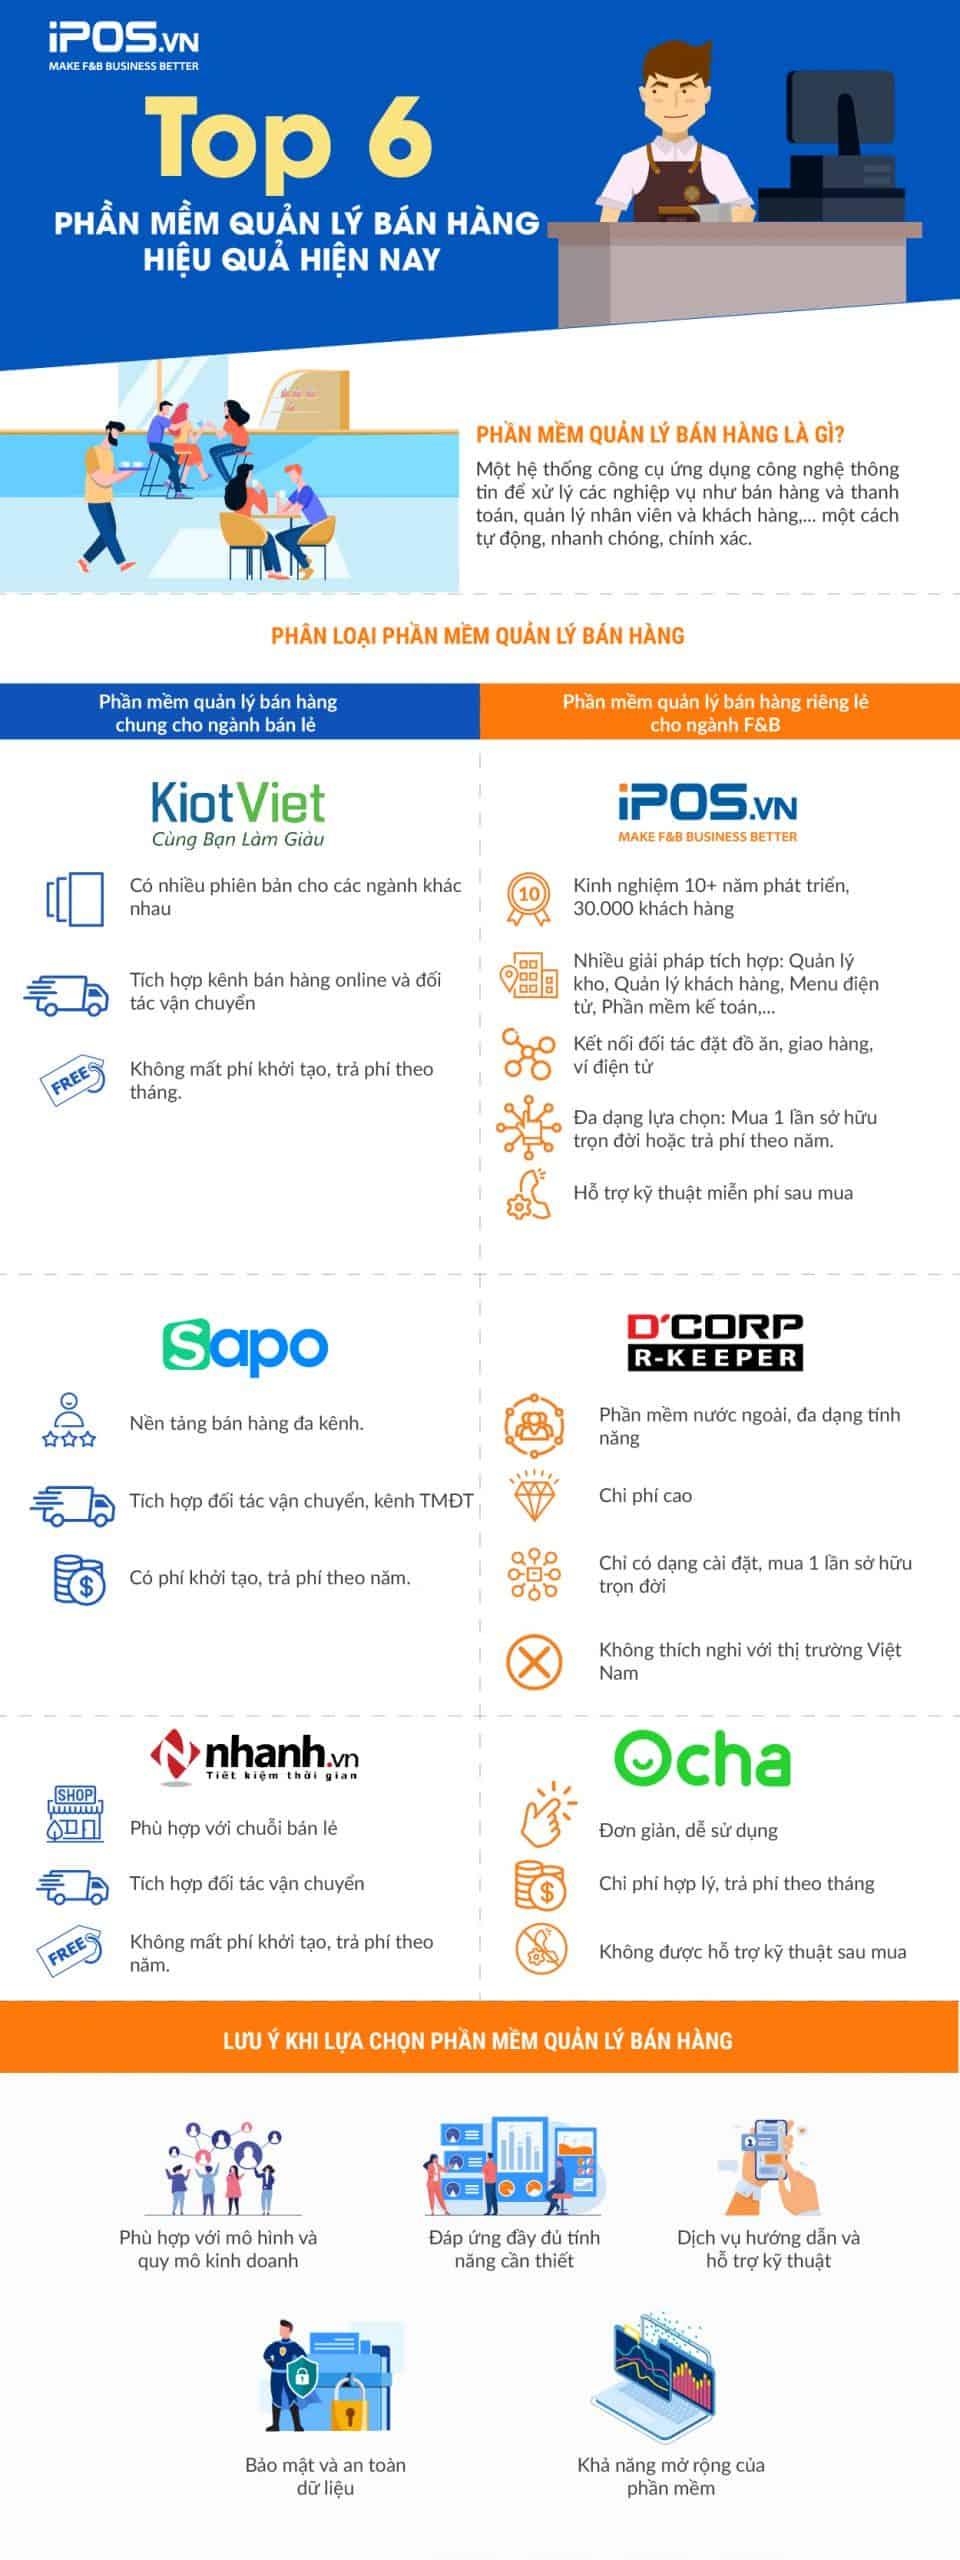 Top 6 phần mềm quản lý bán hàng nổi bật hiện nay